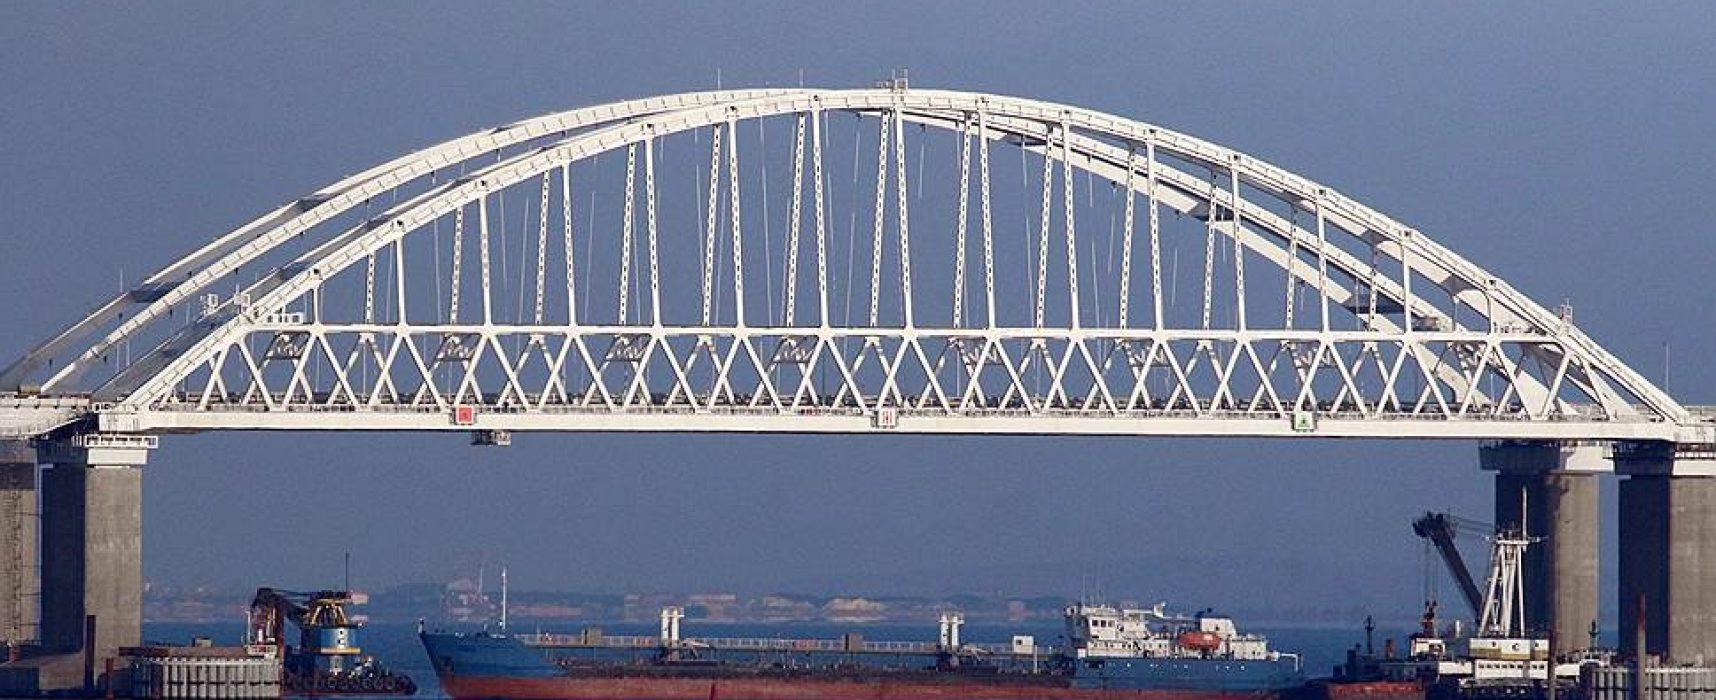 """Фейк на """"РИА Новости"""": с излизането си от договора за дружба с РФ Украйна се лишава от правото си на свободно корабоплаване в Керченския проток"""